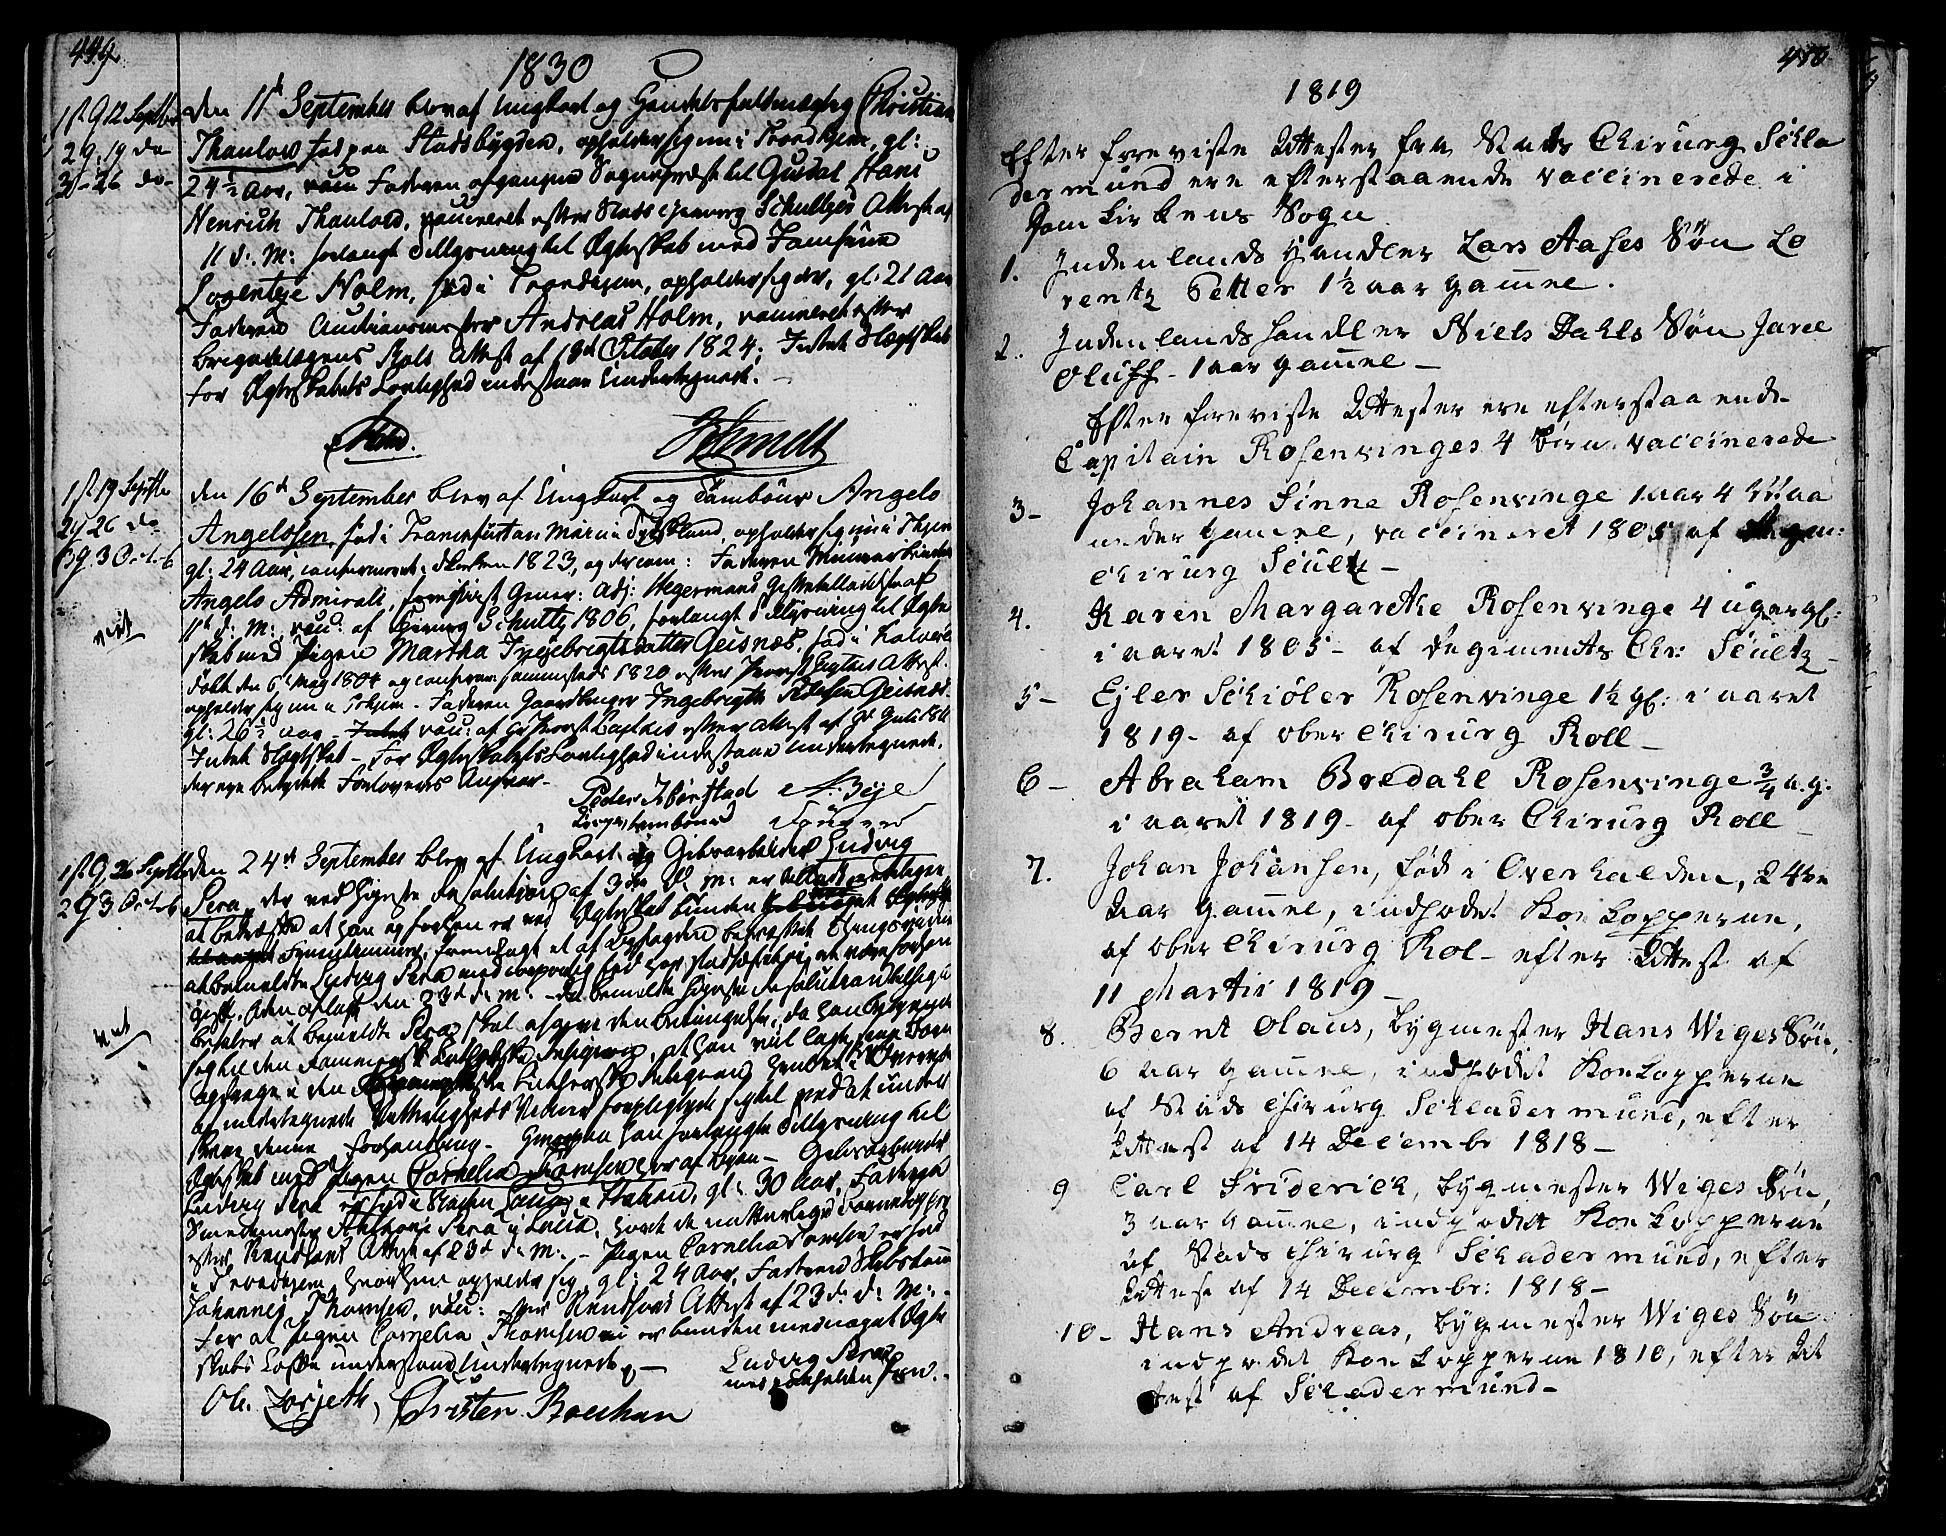 SAT, Ministerialprotokoller, klokkerbøker og fødselsregistre - Sør-Trøndelag, 601/L0042: Ministerialbok nr. 601A10, 1802-1830, s. 449-450